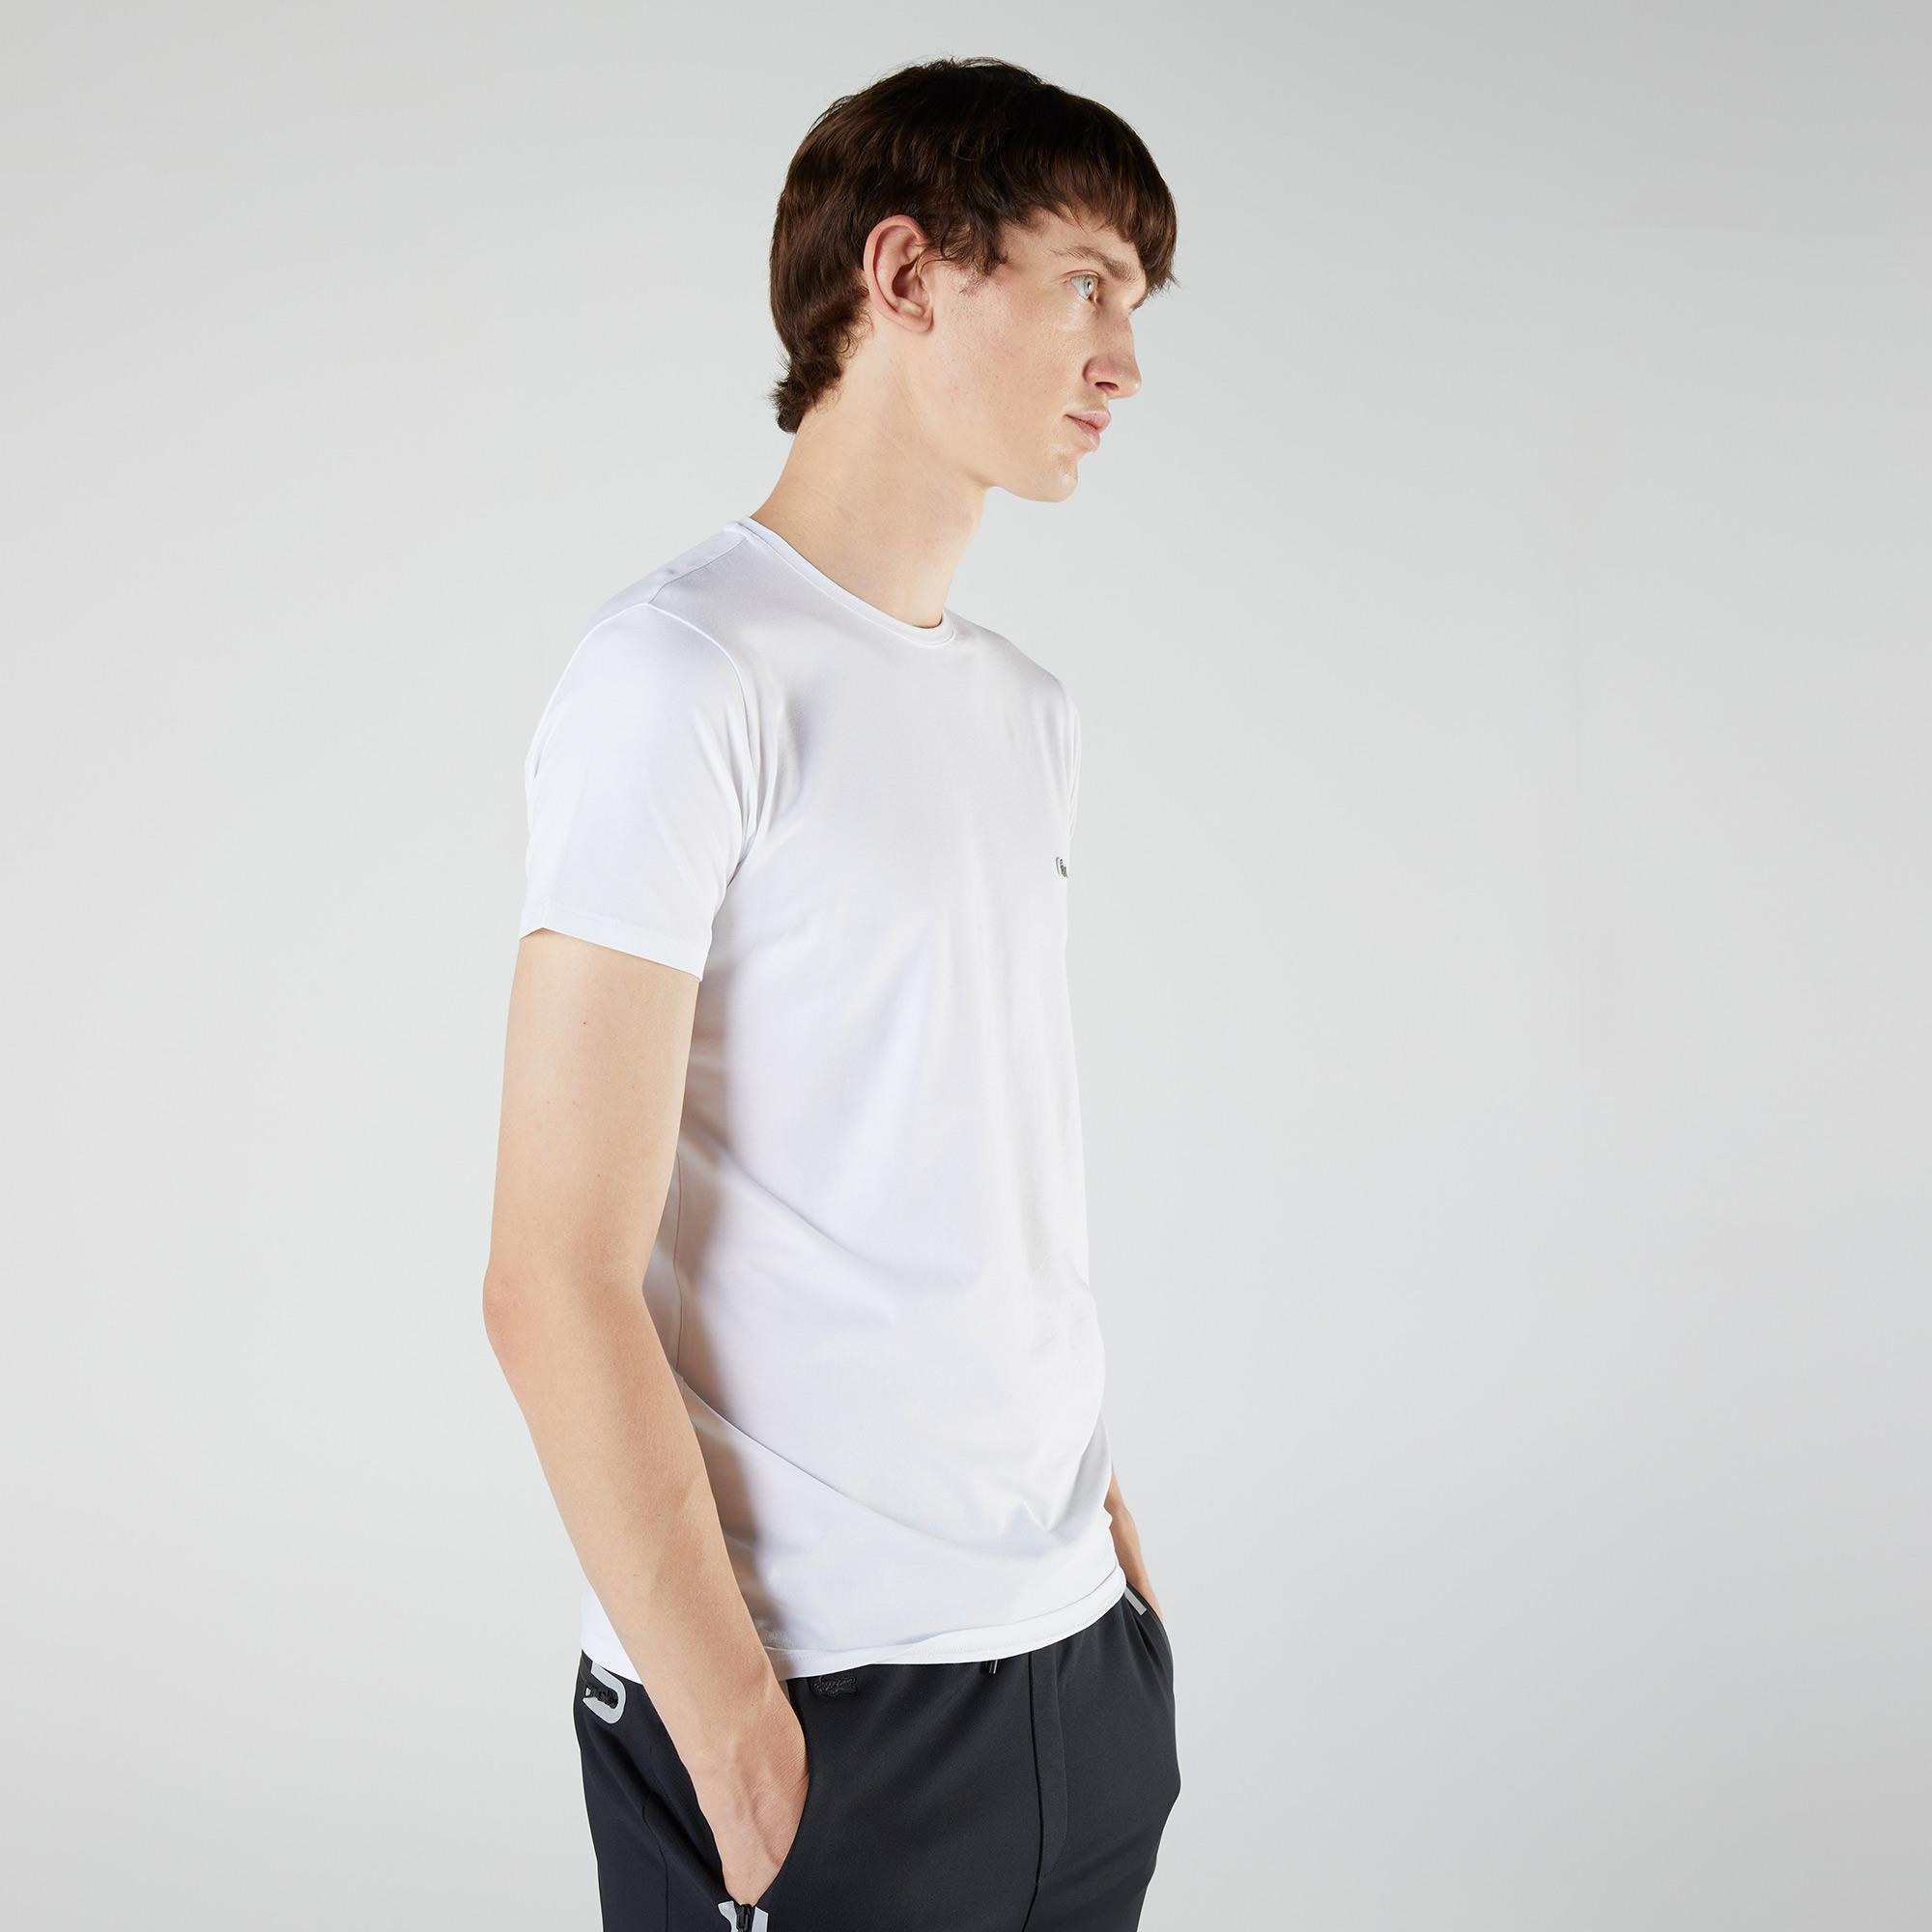 Lacoste Erkek Regular Fit Bisiklet Yaka Beyaz T-Shirt